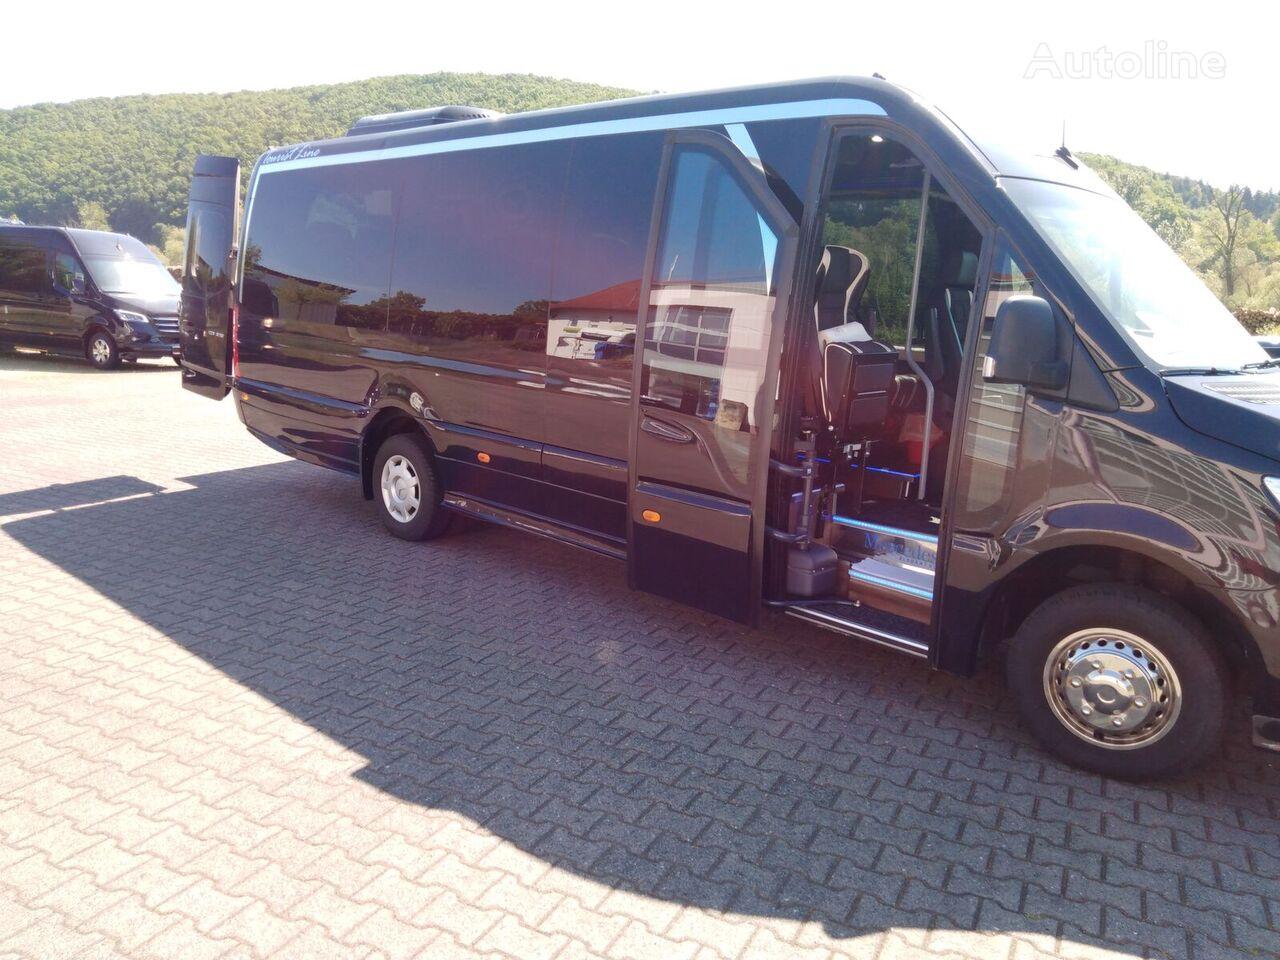 MERCEDES-BENZ Sprinterbus Neu VVW 516CDI Autom Schw 24 ,Panorama, KL,KS.SS uvm autobús de turismo